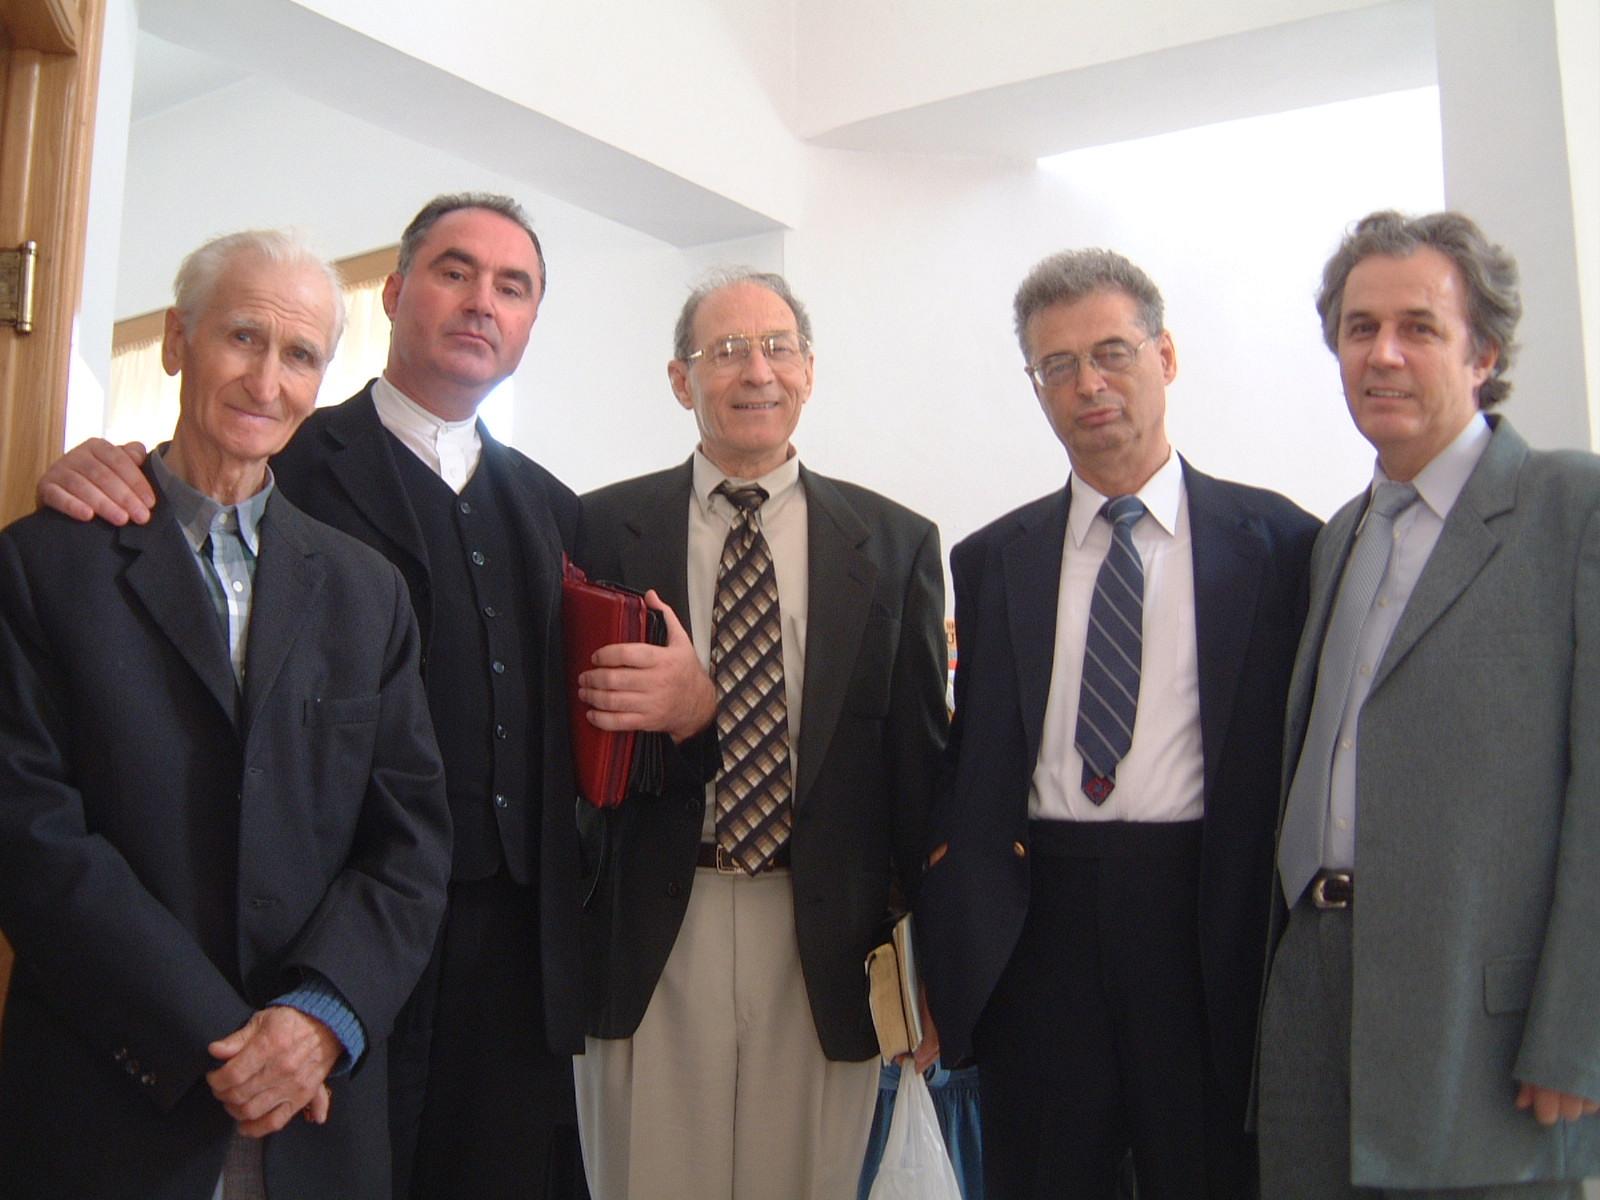 MIHAI WURMBRAND CU IOAN PANICAN SI ALTI OASPETI IN BISERICA CRESTINA DUPA EVANGHELIE ANTIOHIA 28 SEPTEMBRIE 2003